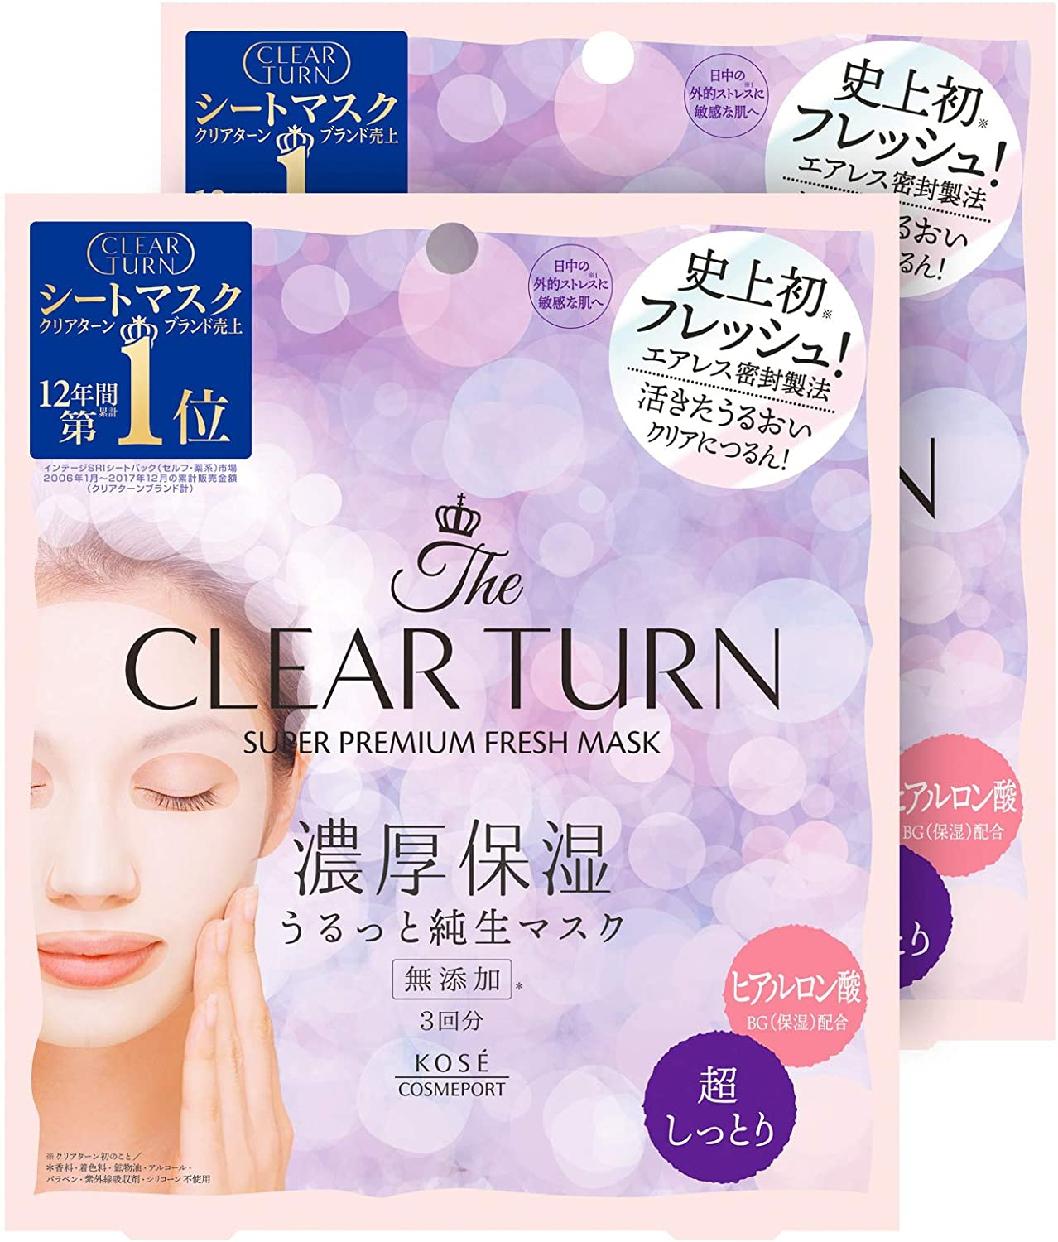 CLEAR TURN(クリアターン) プレミアム フレッシュマスク (超しっとり)の商品画像6